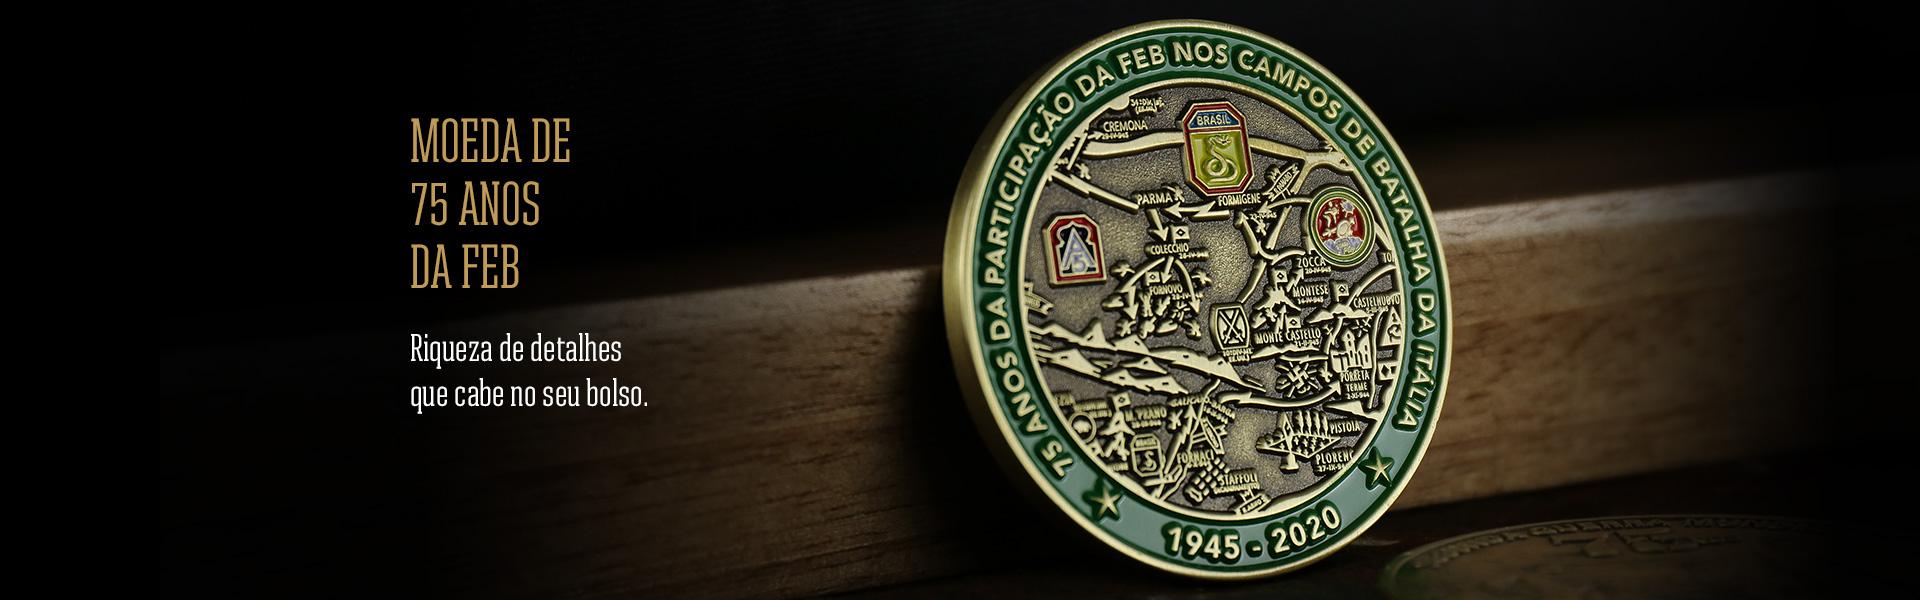 A moeda de 75 anos da FEB foi pensada em cada detalhe, tornando-se a representação do momento de orgulho que a FEB deixou marcado em nossa história.